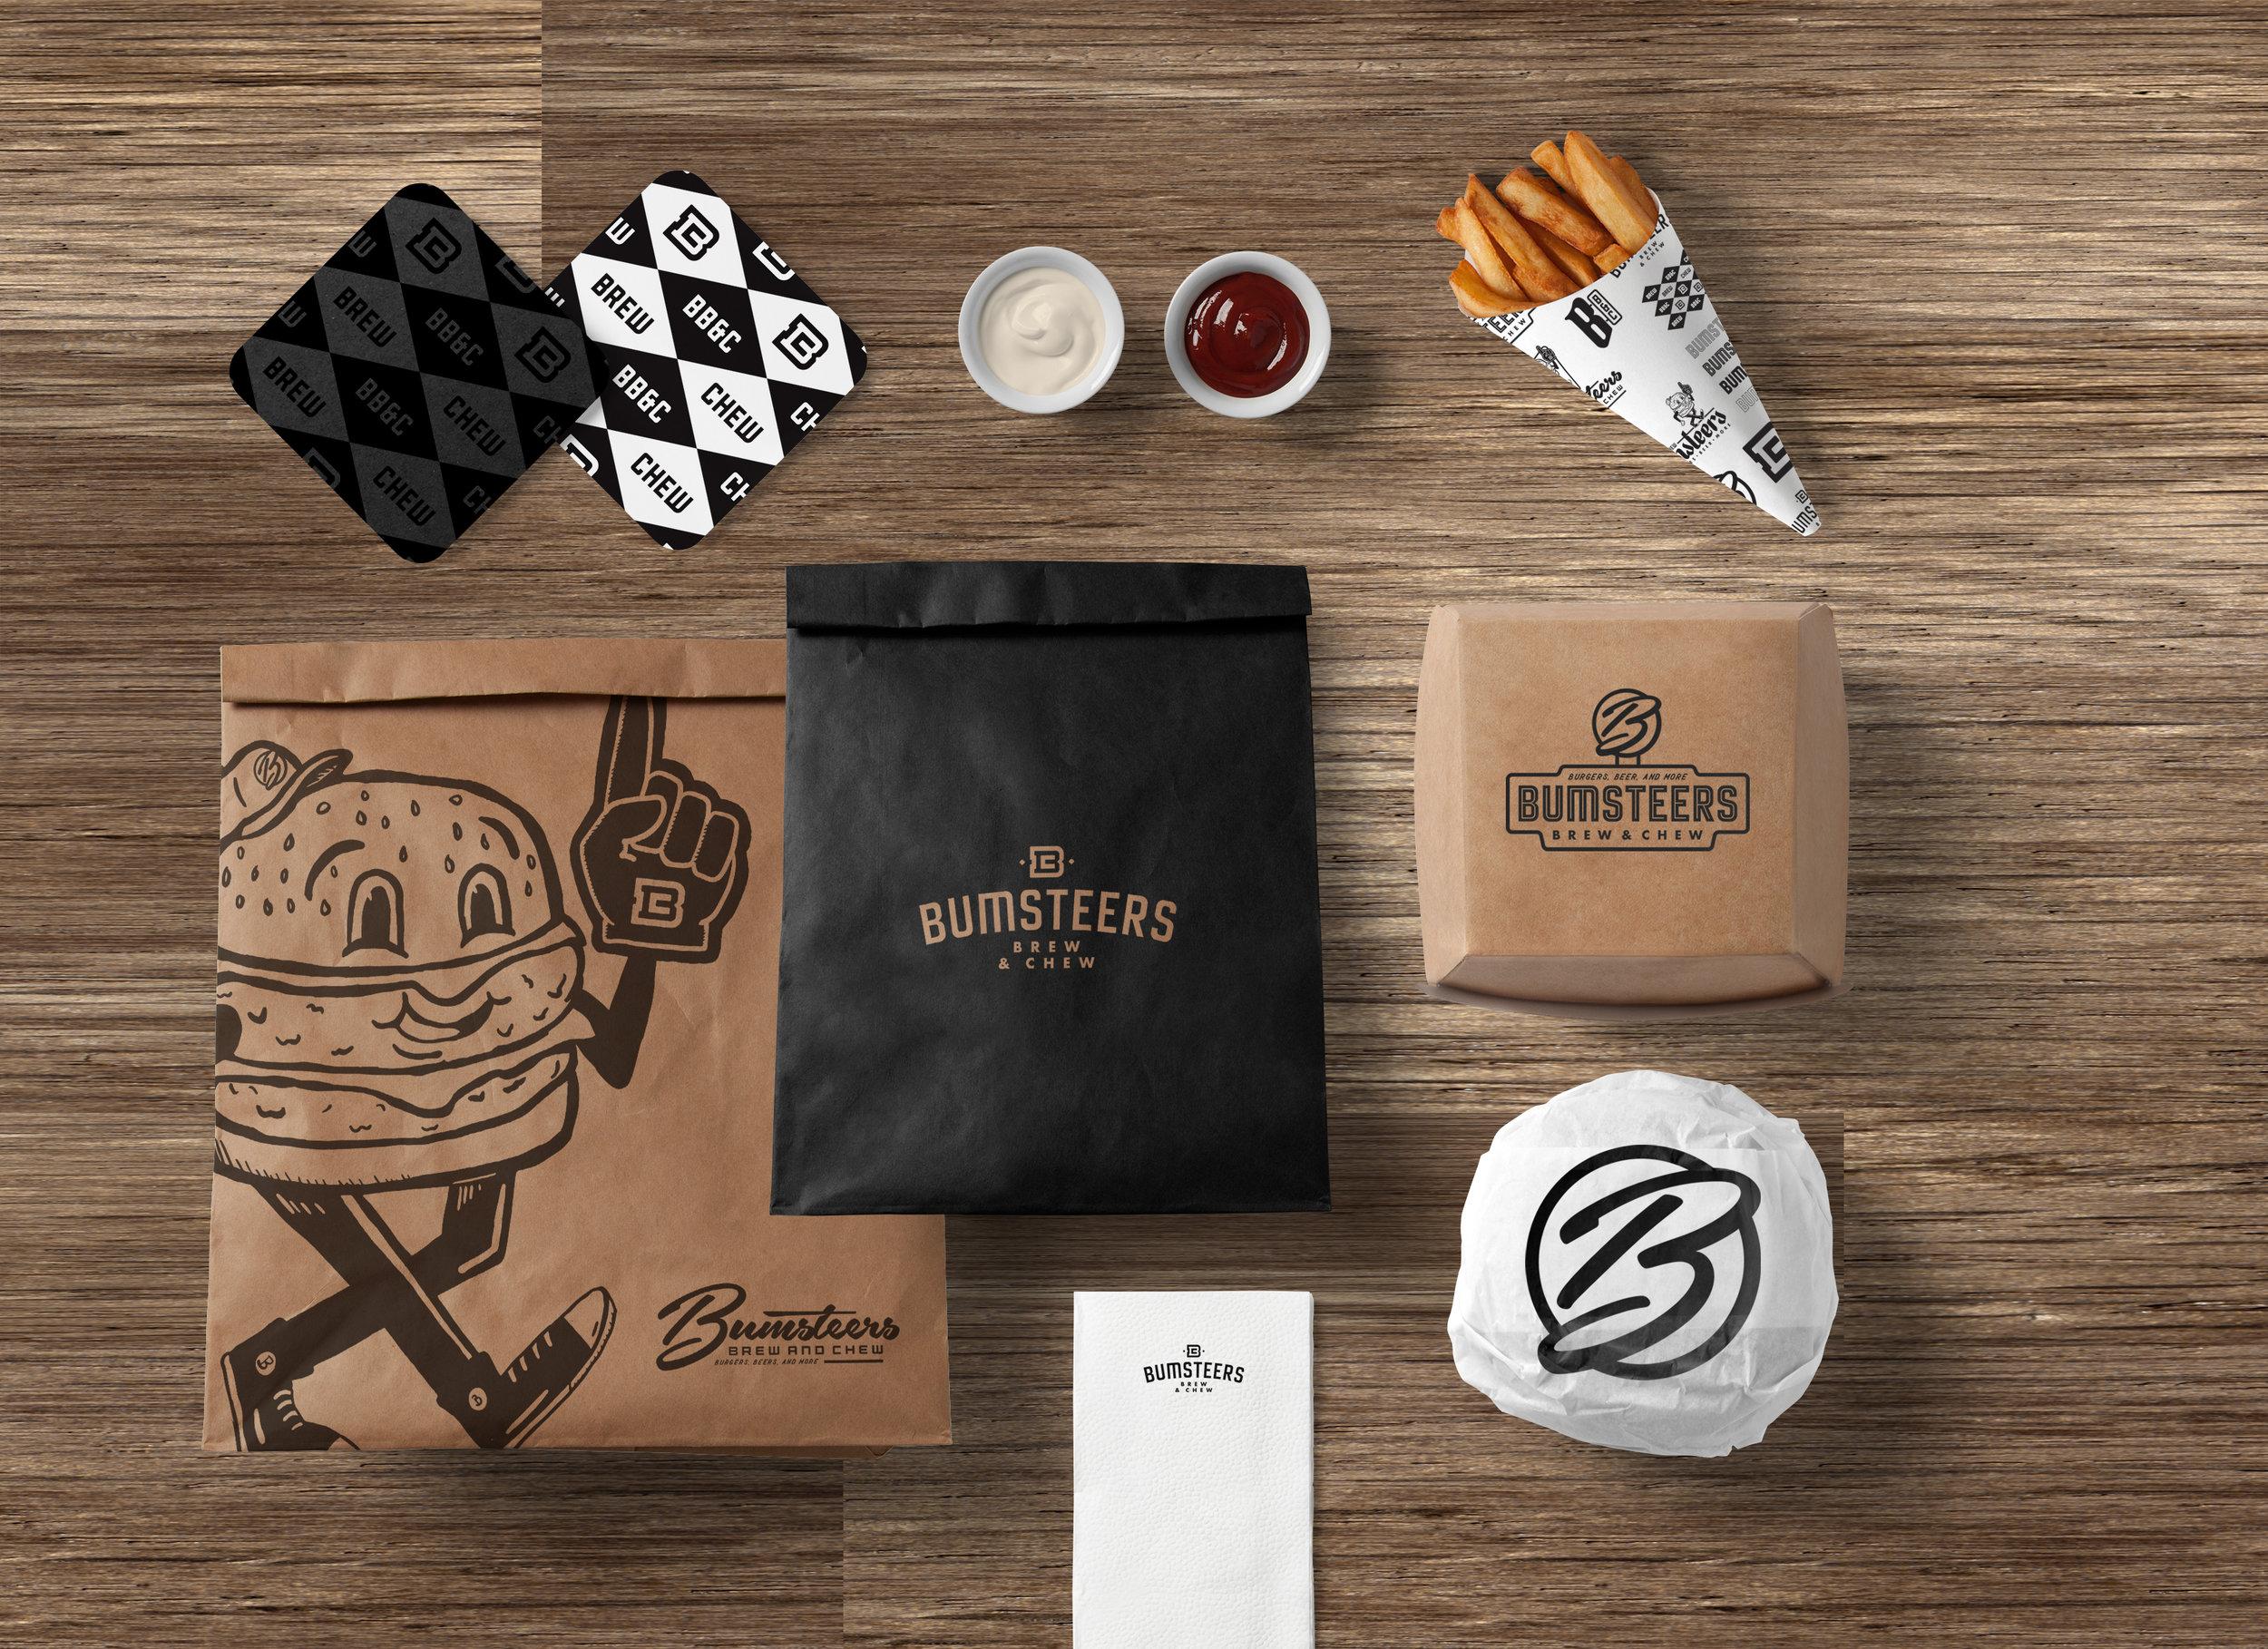 Bumsteers Items Mockup.jpg